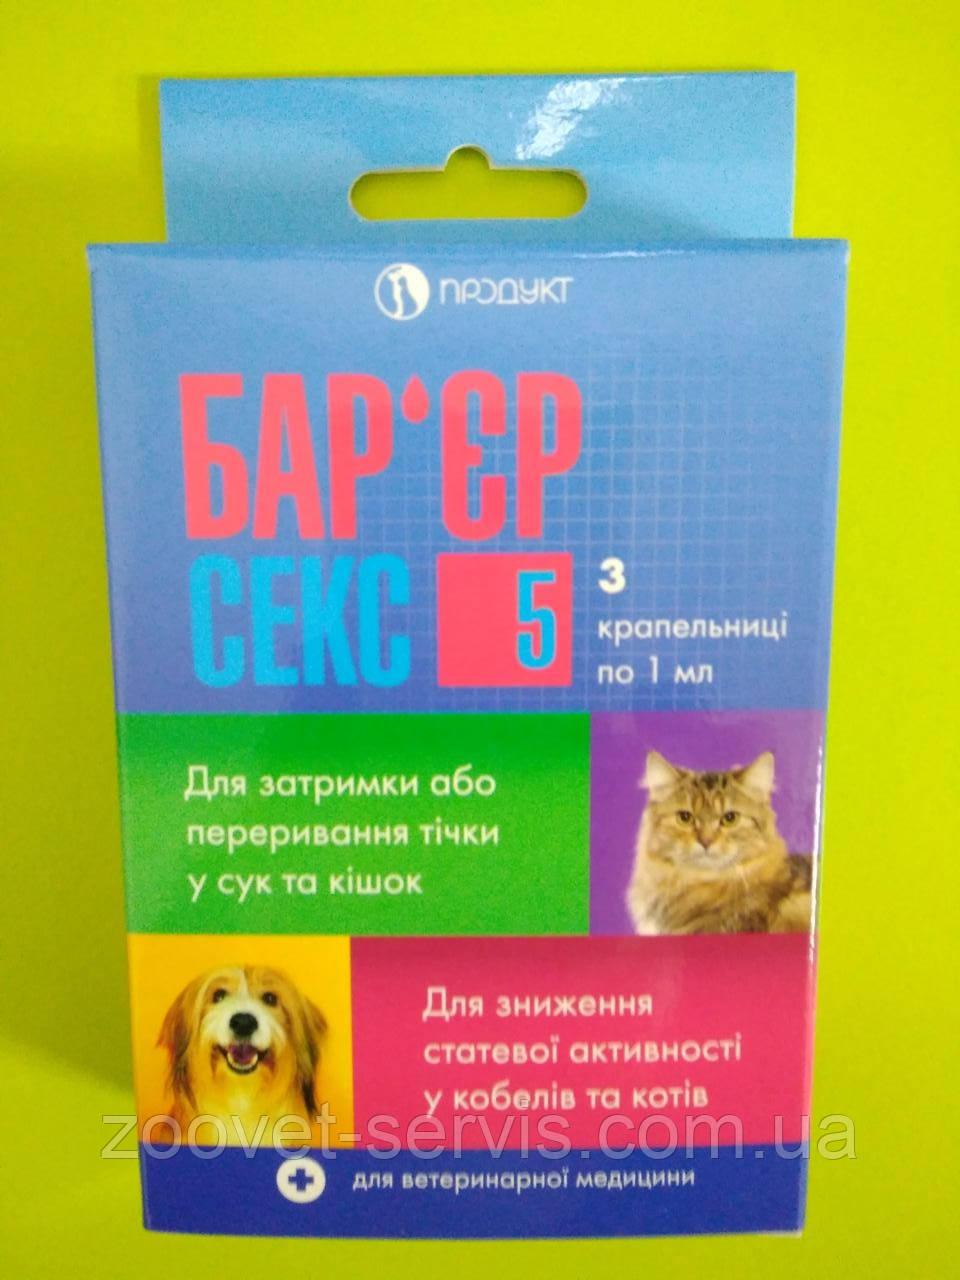 Барьер-Секс-5 капли для собаки кошек 1мл, упаковка 3 пипетки